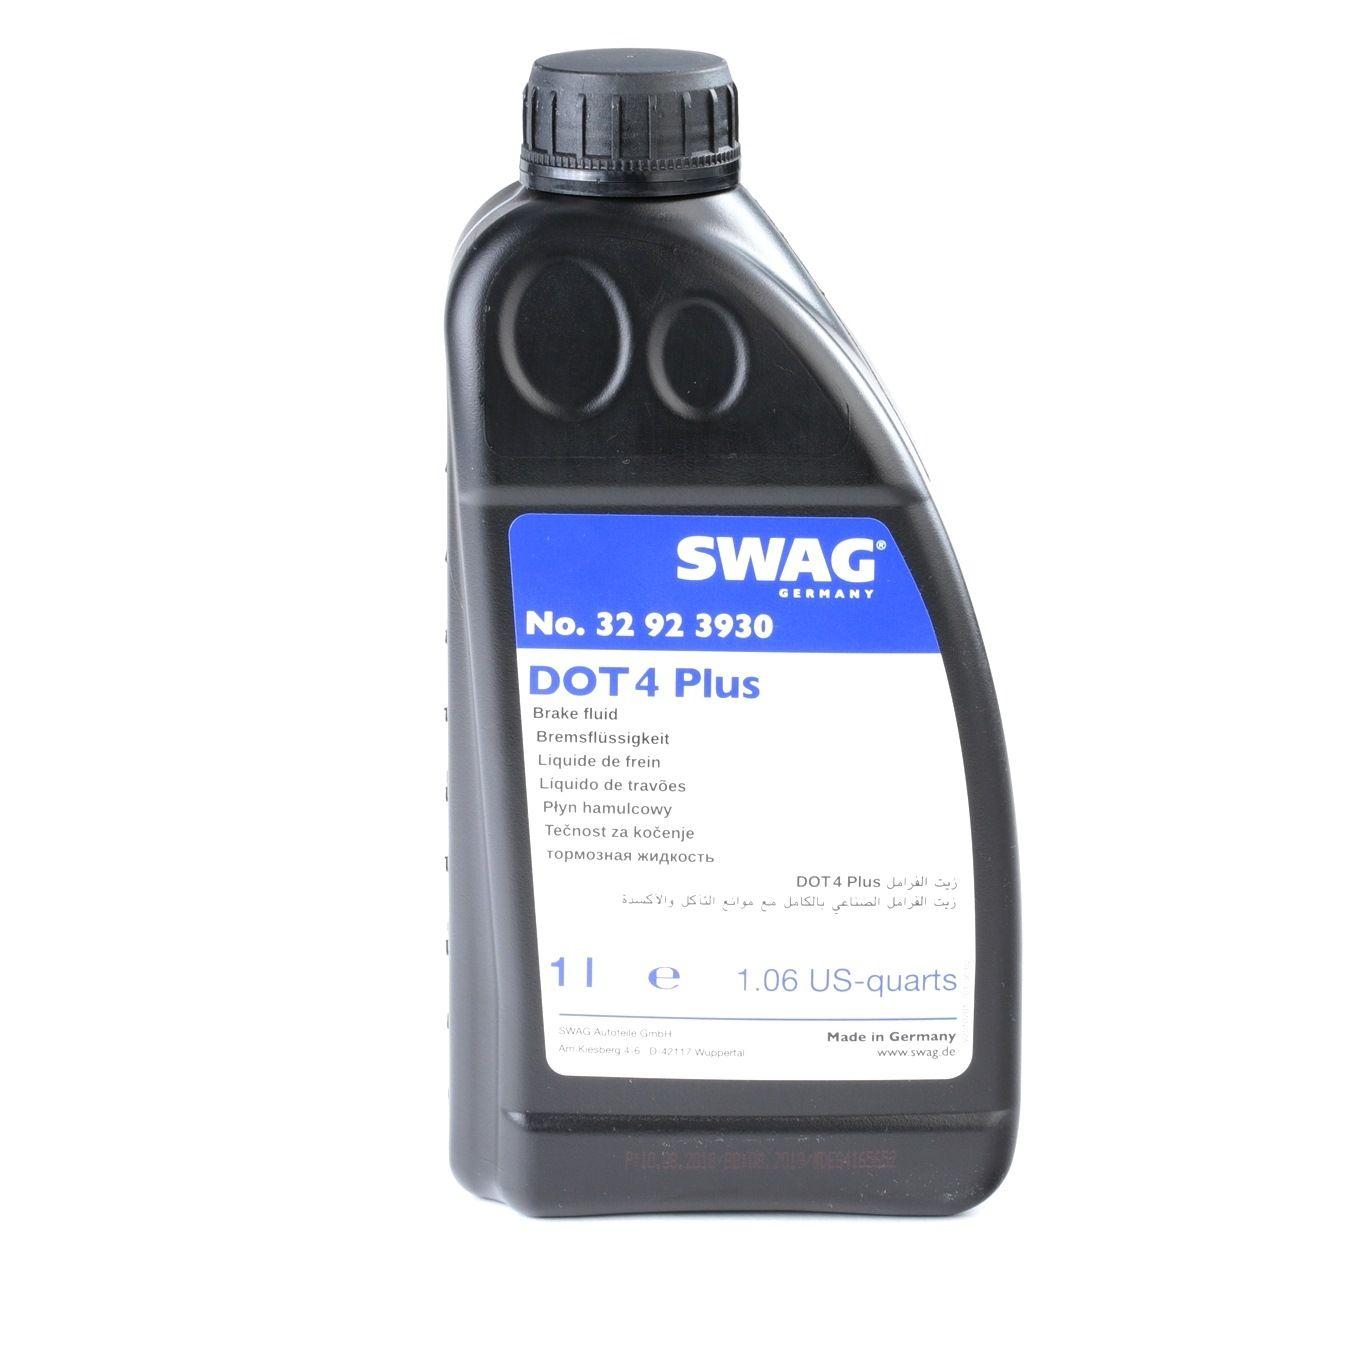 Kopplingsvätska 32 92 3930 som är helt SWAG otroligt kostnadseffektivt